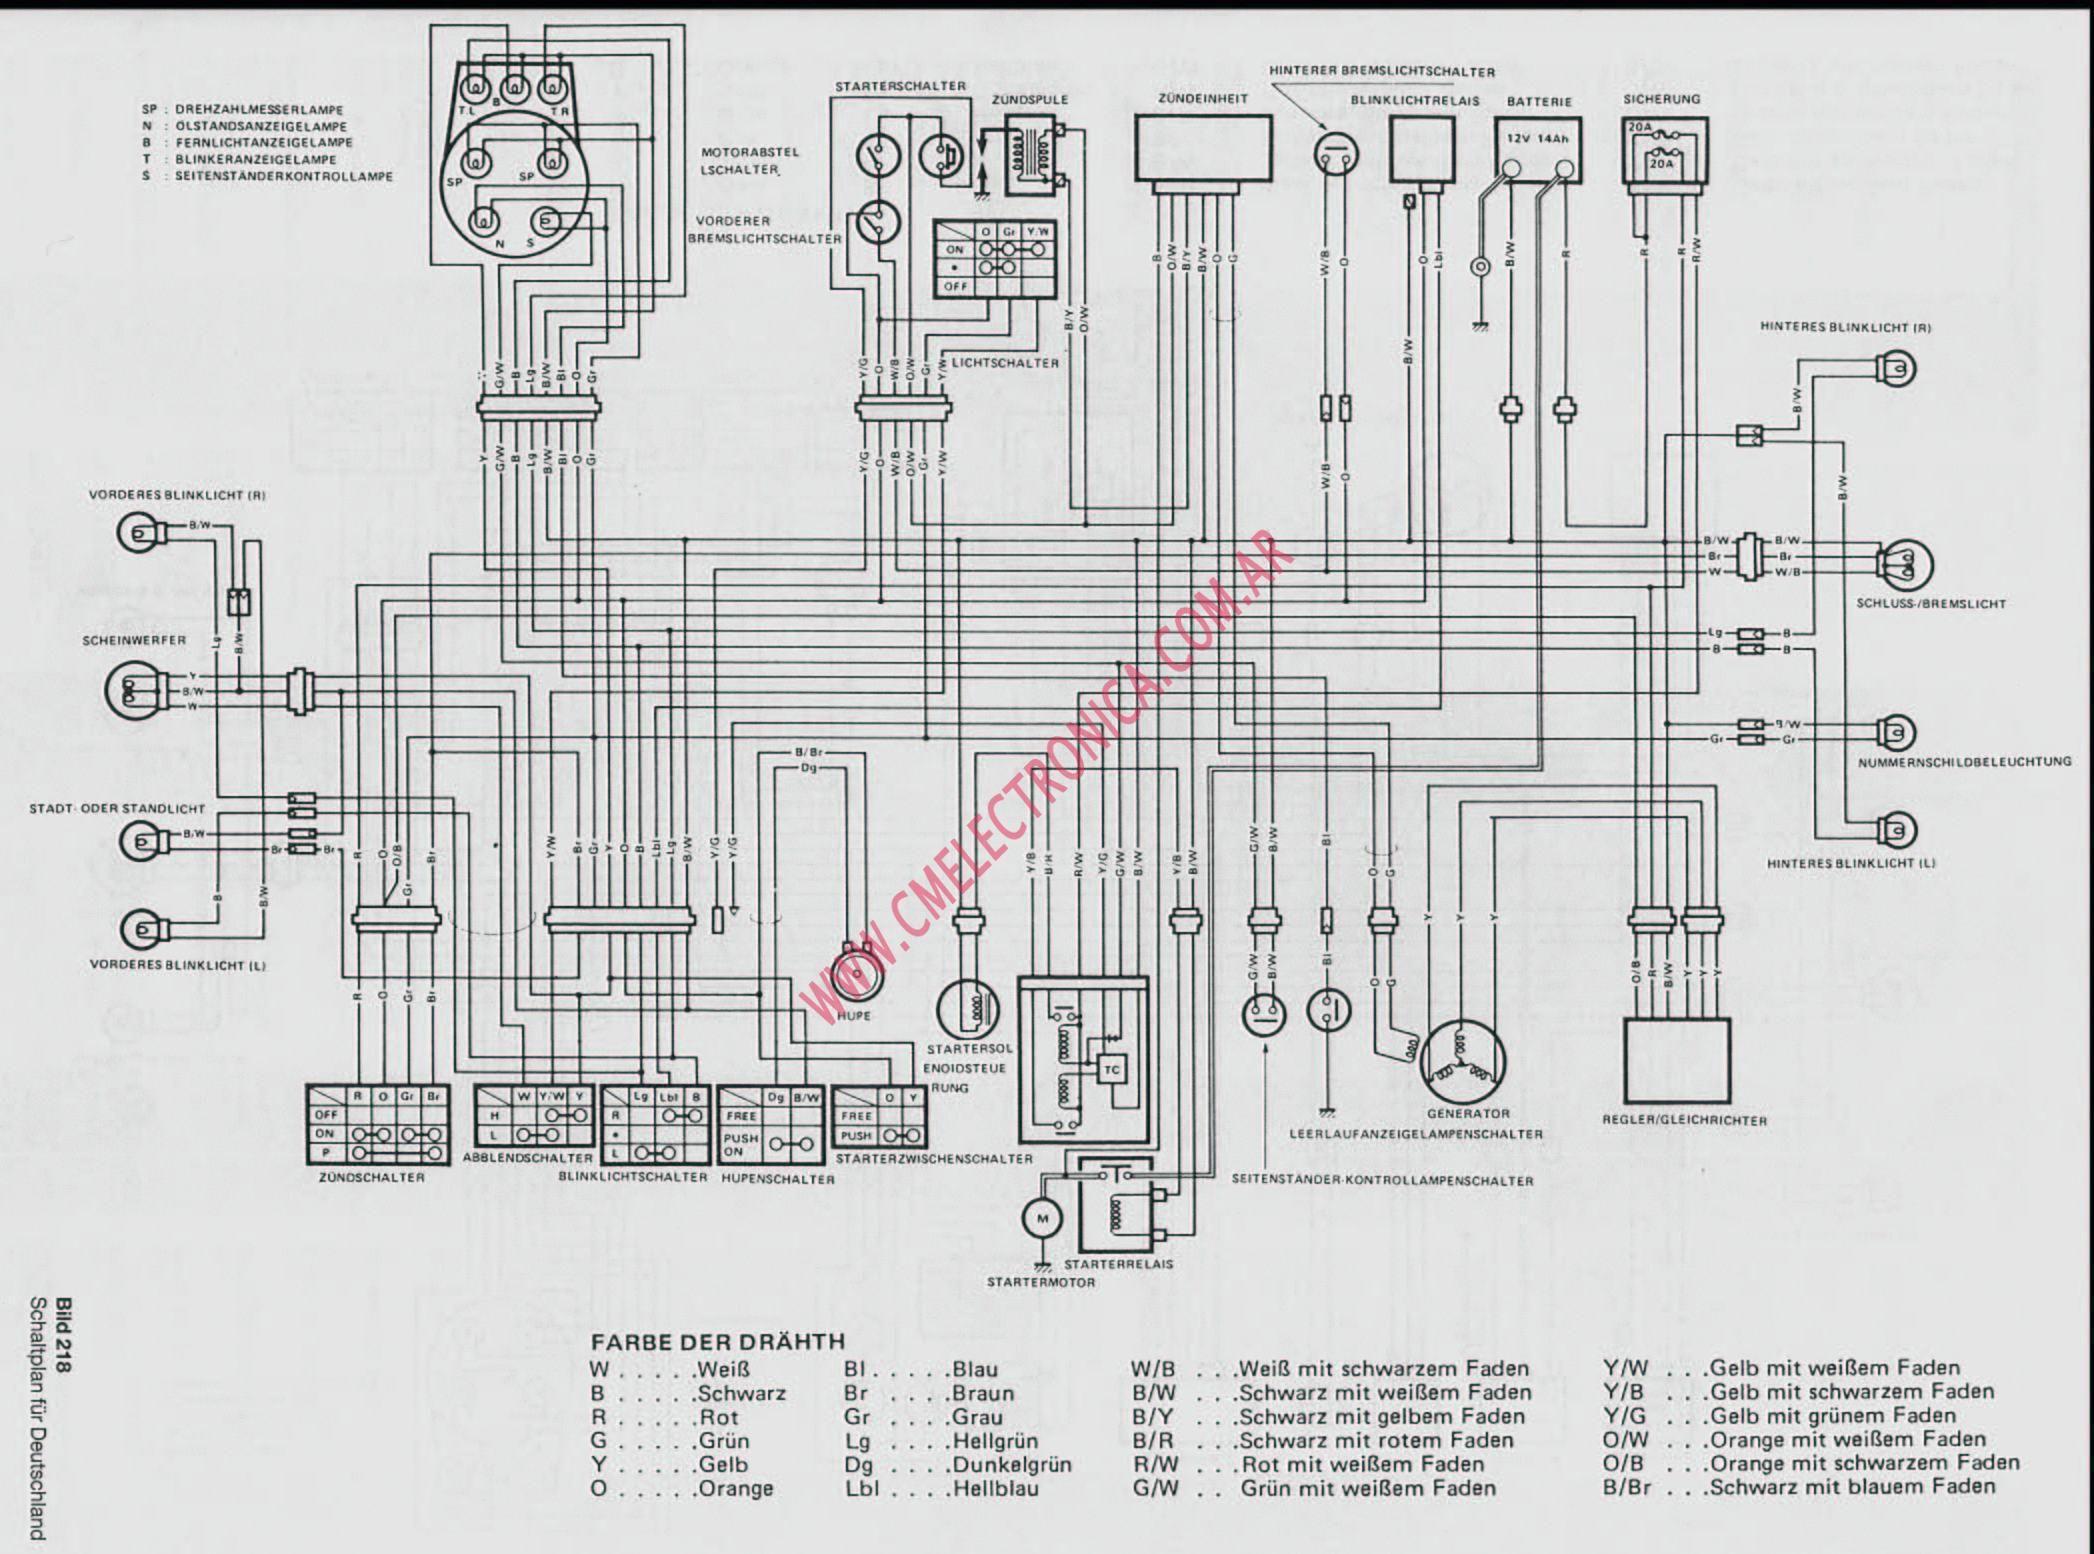 Best Of Diagram Suzuki Vl1500 Wiring Diagram Millions Ideas Diagram And Concept Wiring Diagram Toyota Tacoma Diagram Electrical Wiring Diagram